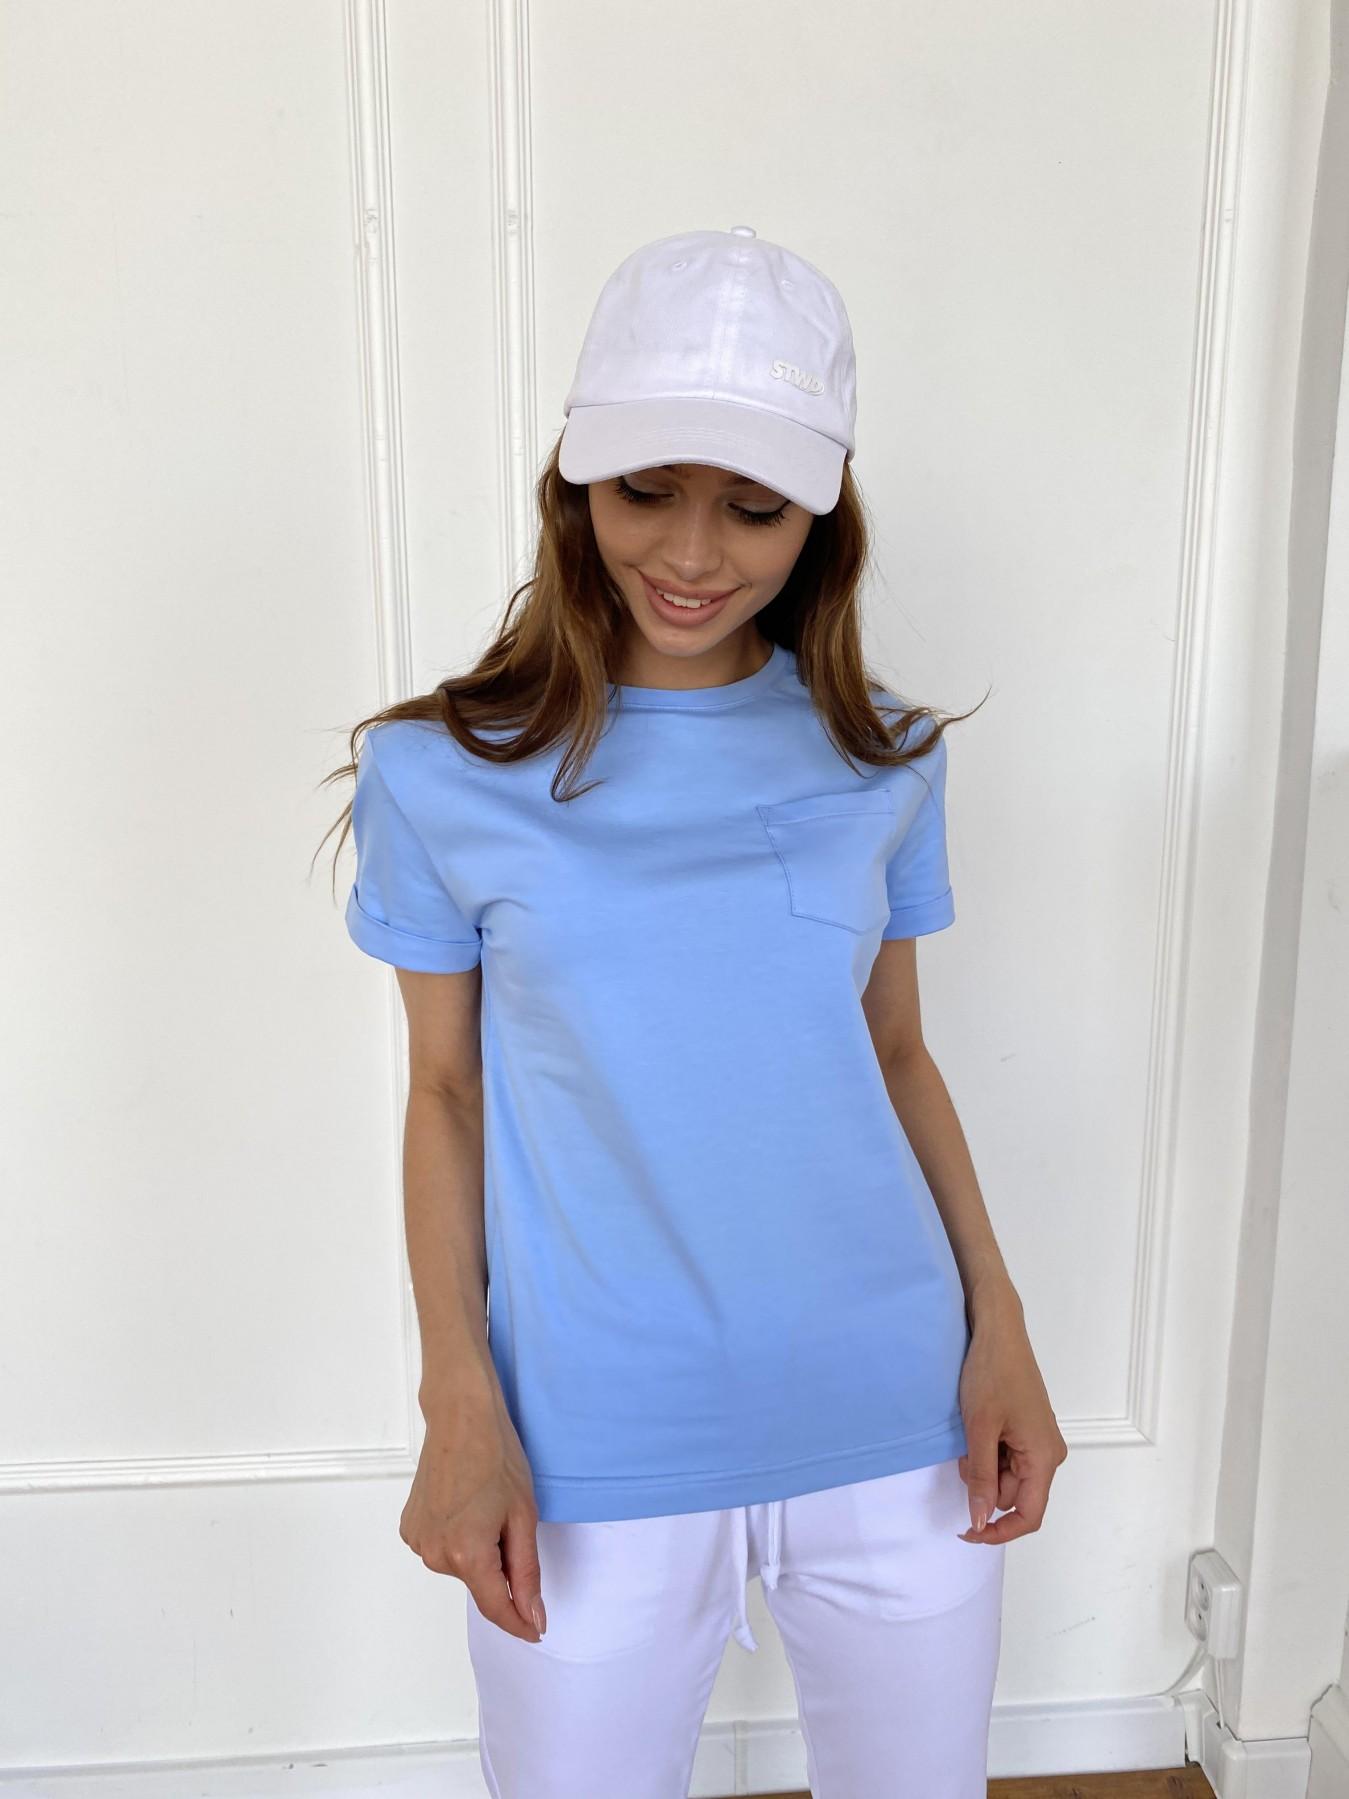 Вуди футболка из вискозы 11224 АРТ. 47878 Цвет: Голубой - фото 1, интернет магазин tm-modus.ru